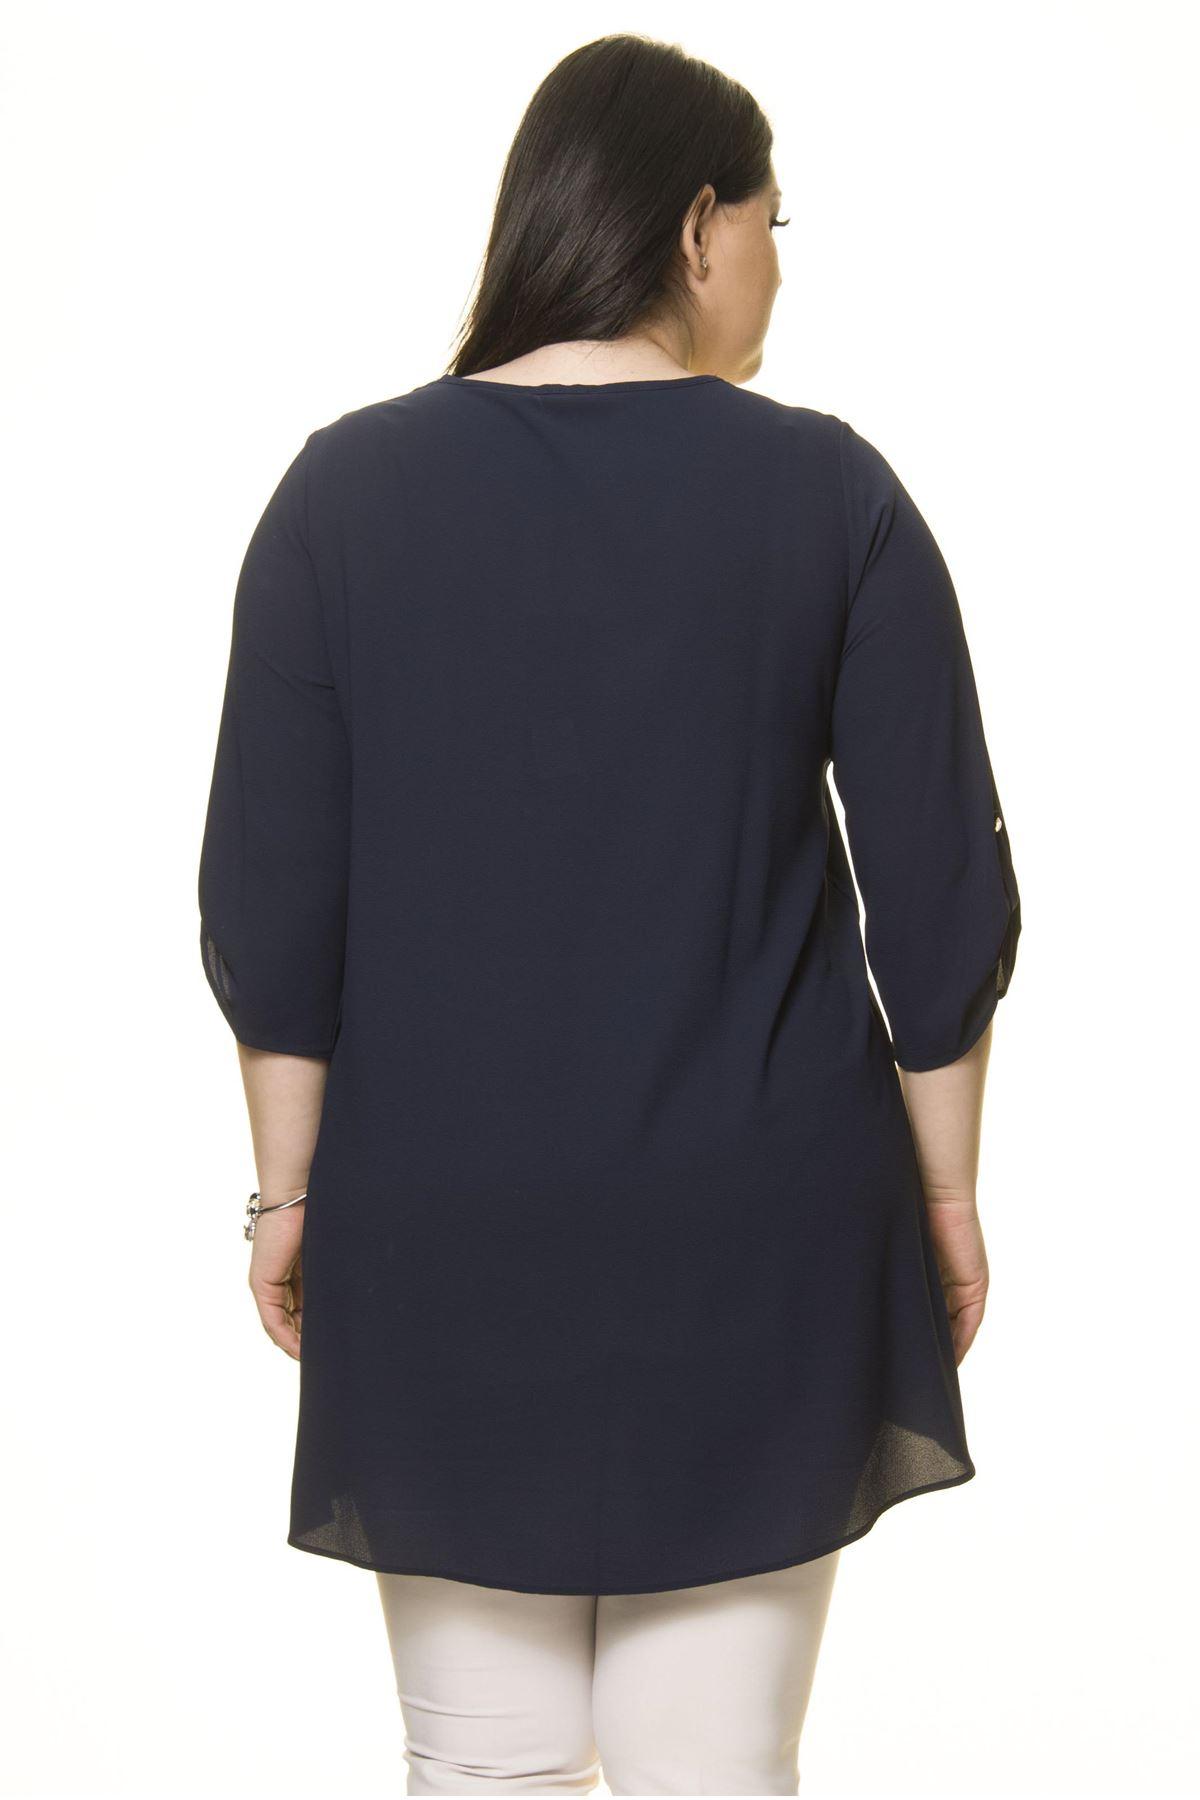 Kadın Büyük Beden Lacivert İşlemeli Nakışlı Tunik  A7-3024